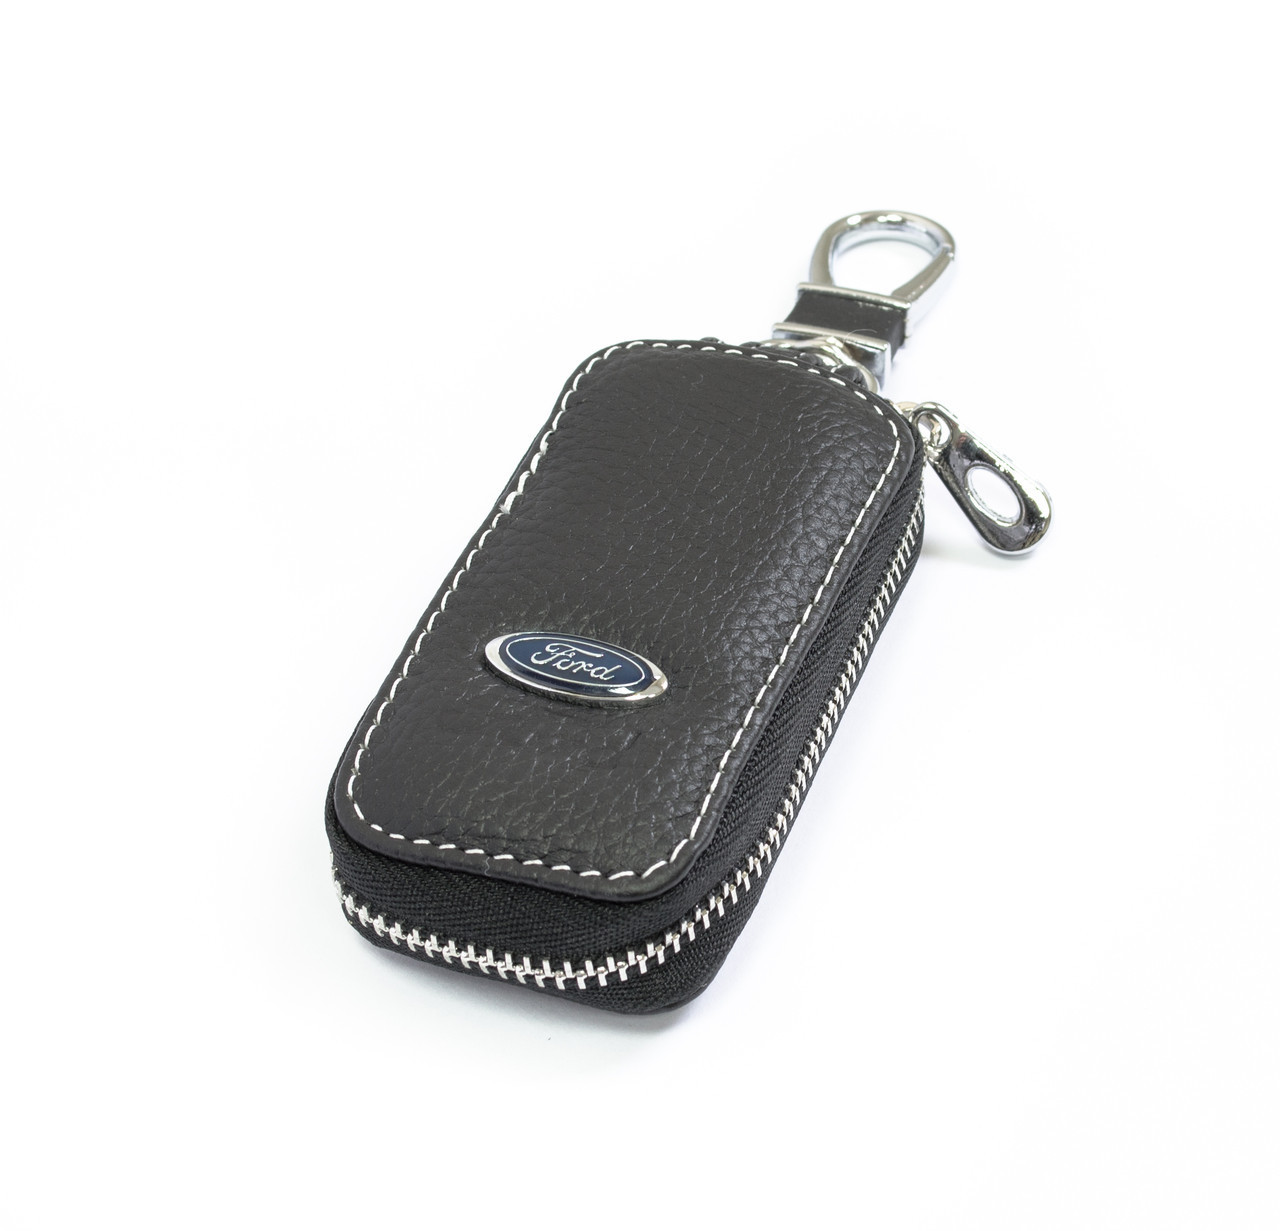 Ключниця Carss з логотипом FORD 03010 чорна